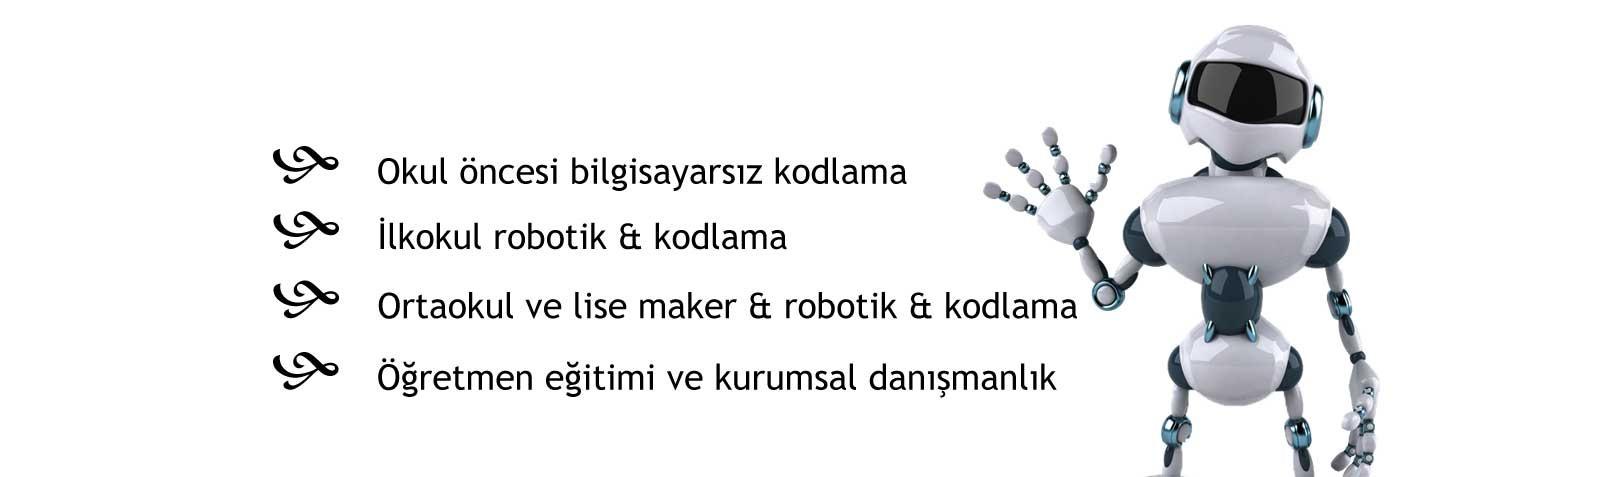 ana_maker2.jpg